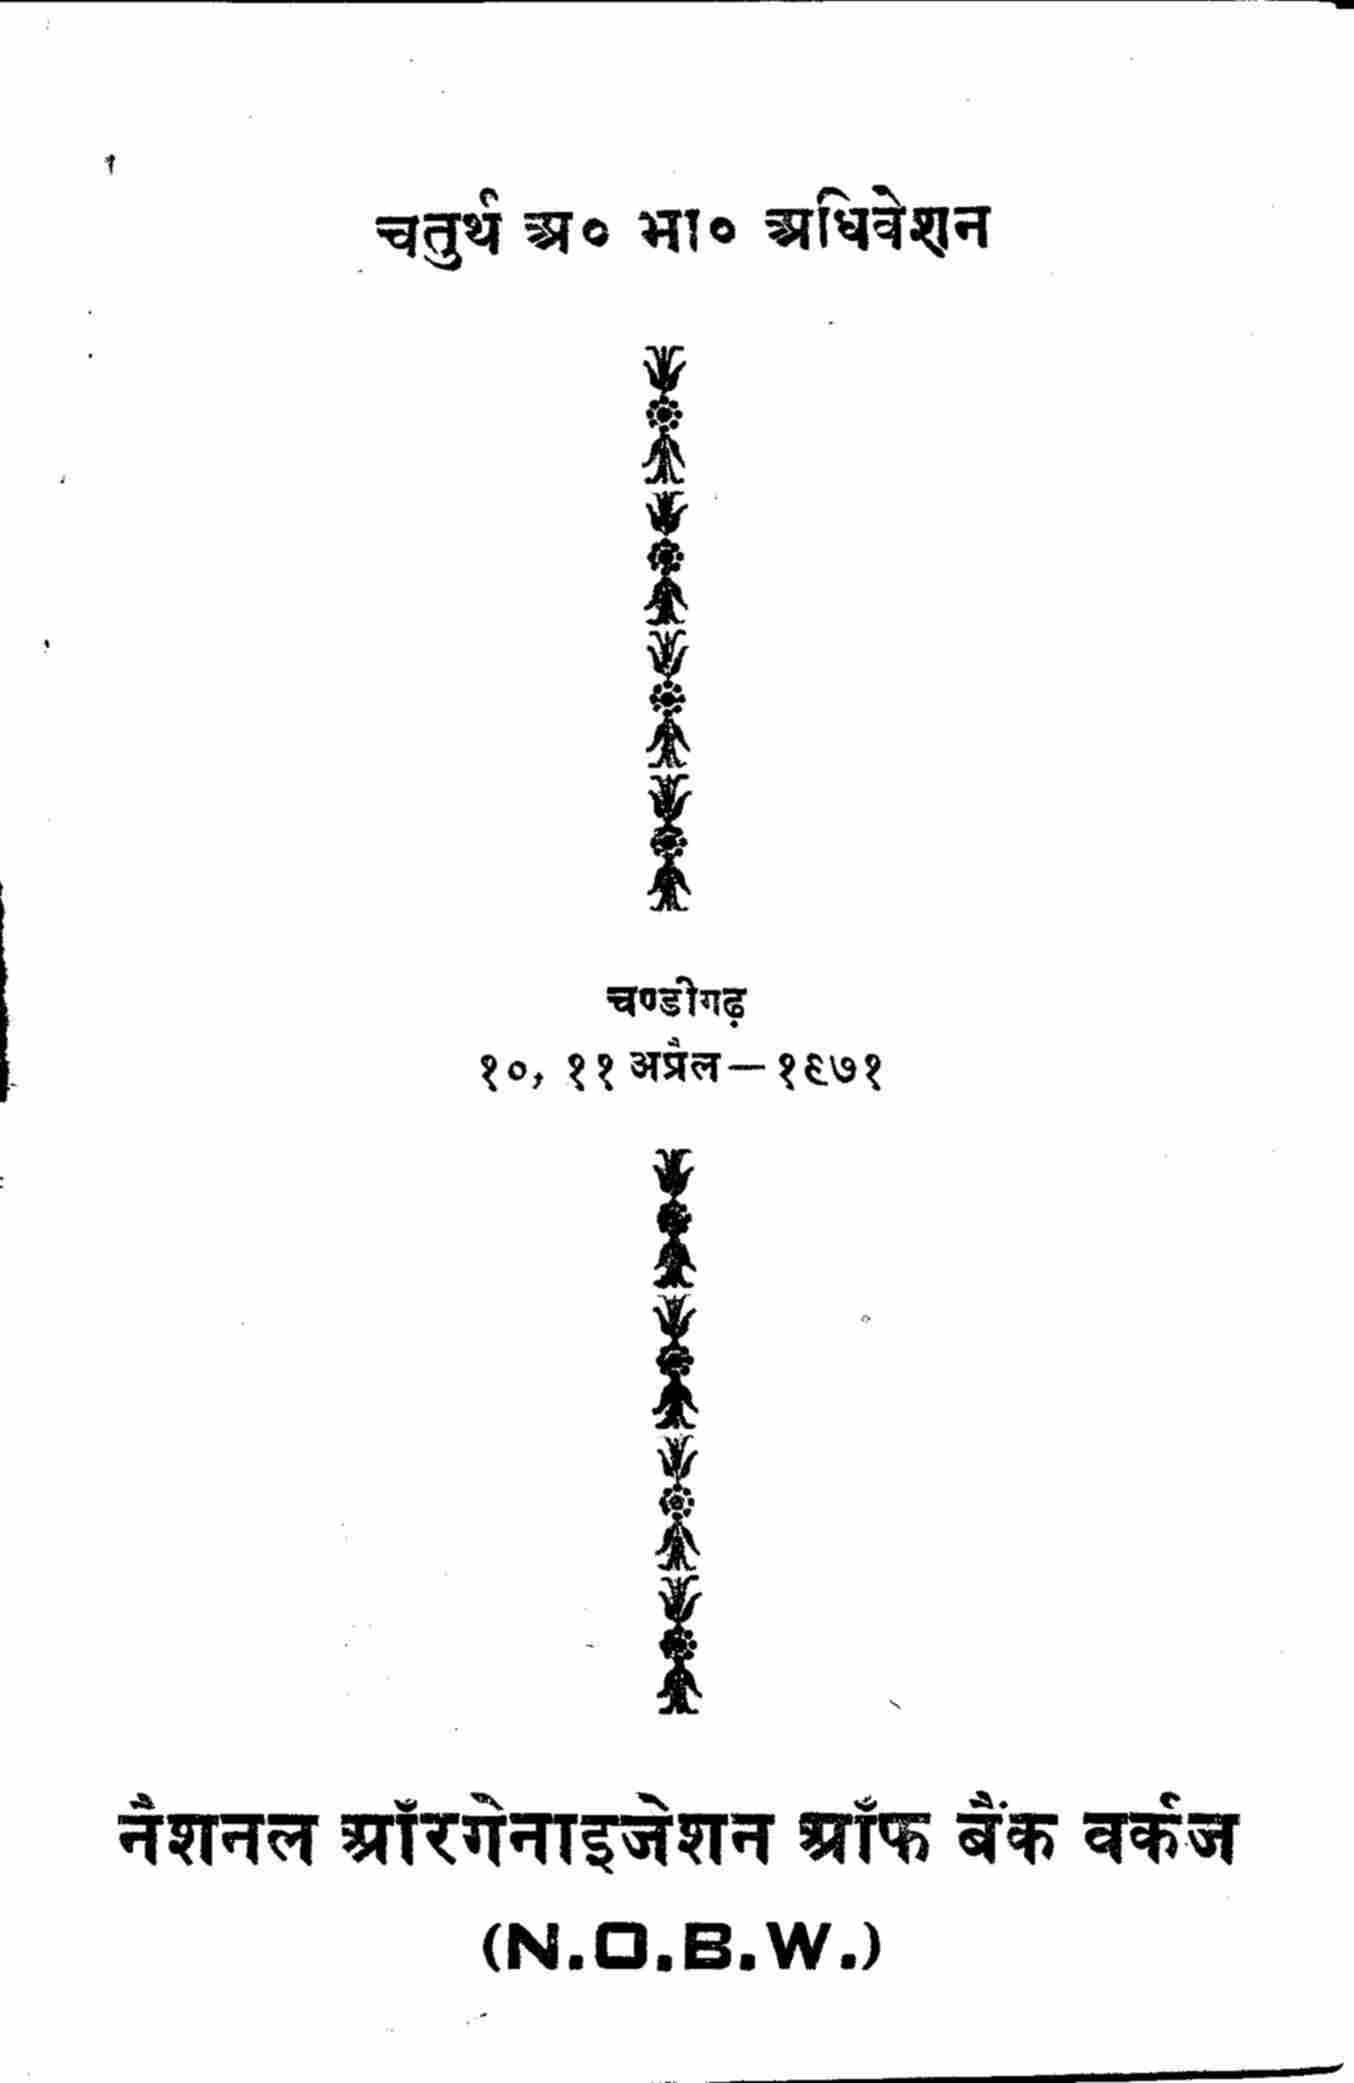 चतुर्थ अ. भा. अधि. चण्डीगढ़ (N.O.B.W.)